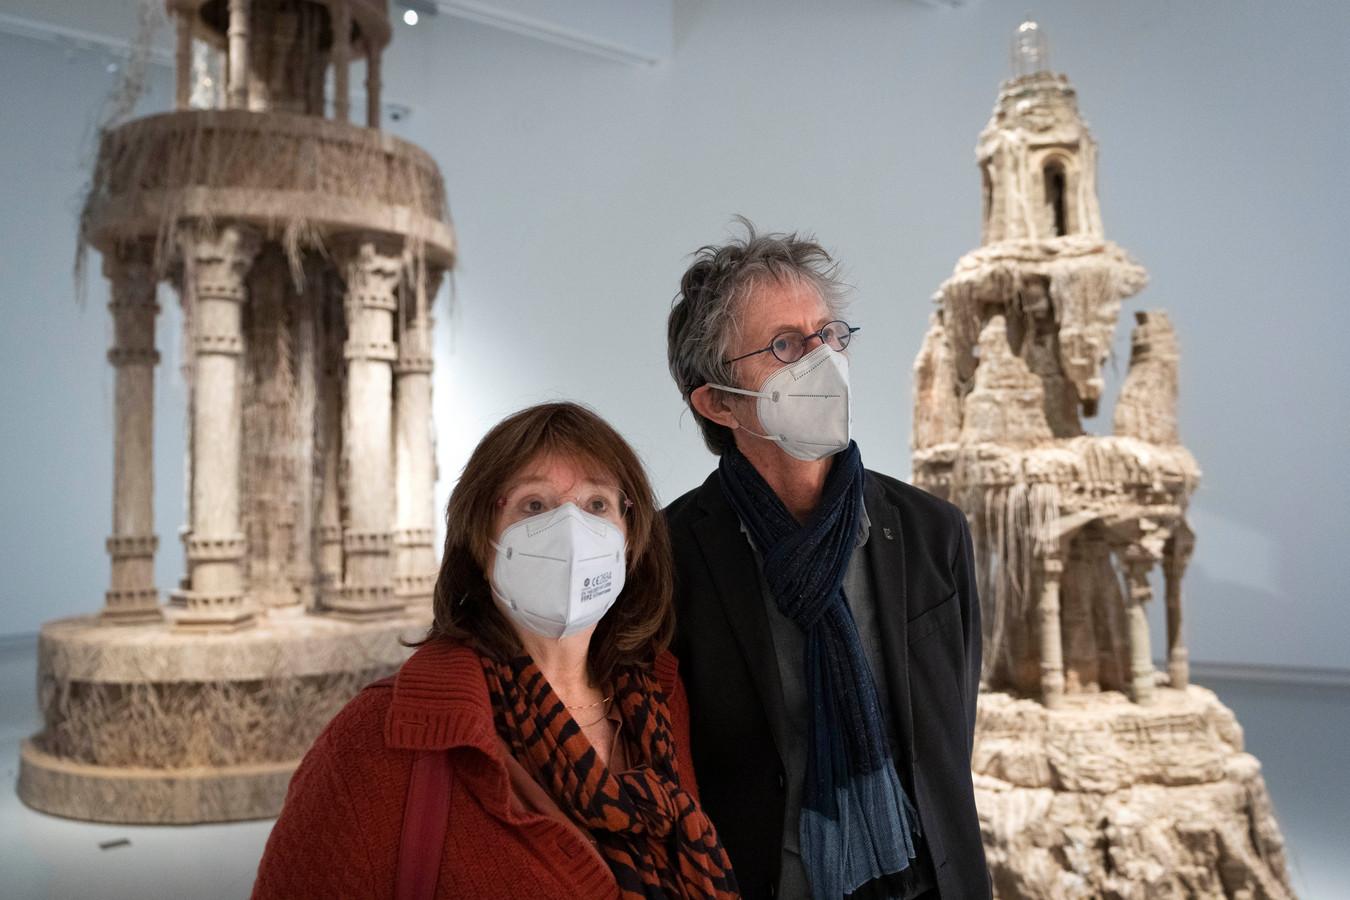 Het museum is open onder strikte voorwaarden zoals een covidtest, een museumkaart en digitaal inloggen.